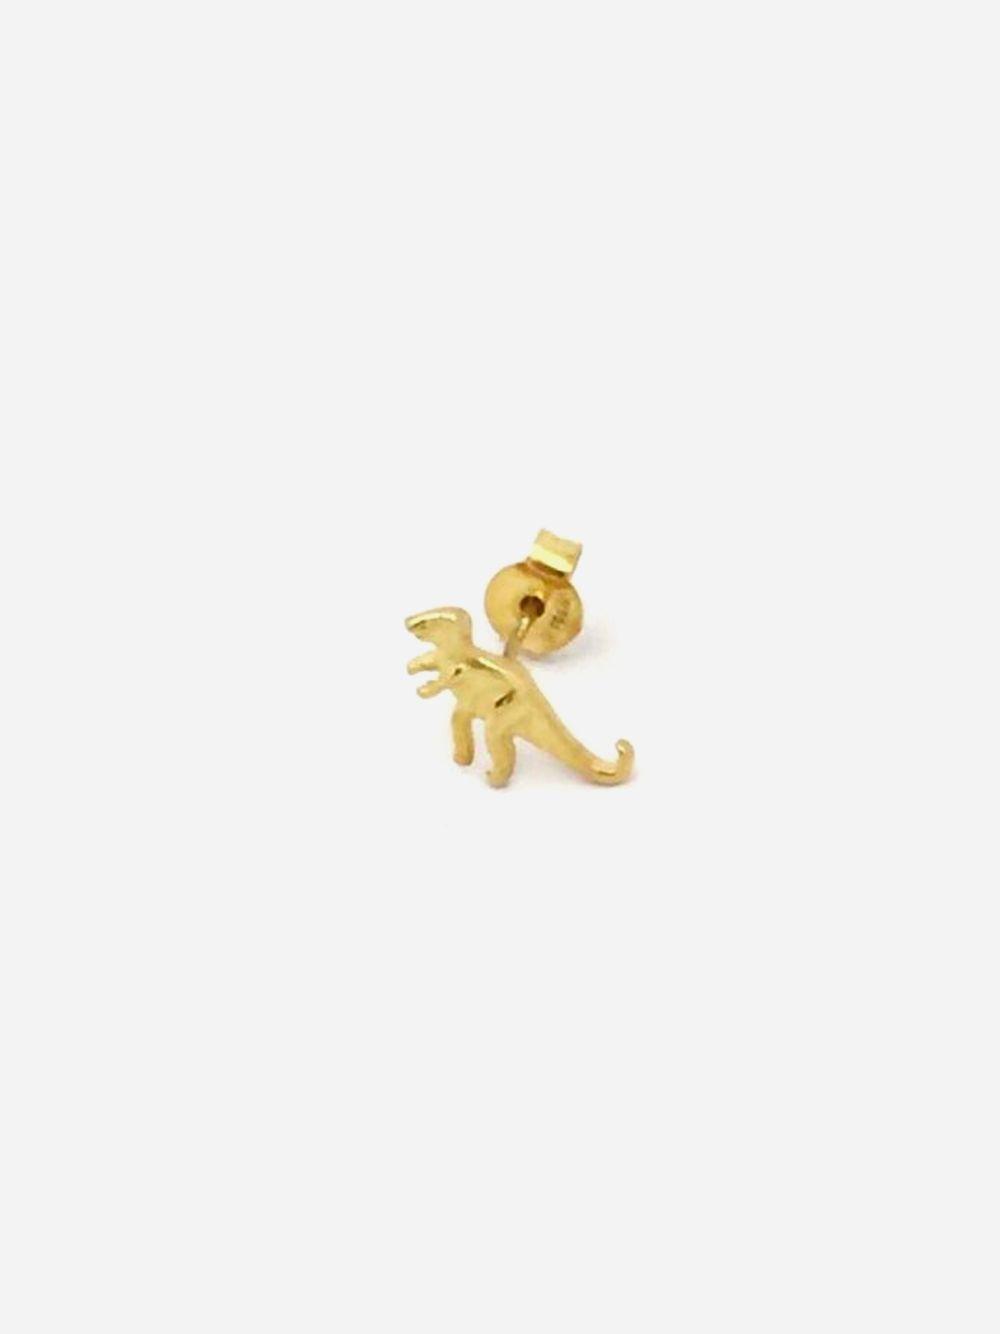 Gold Earrings Dinosaur | Made to Envy